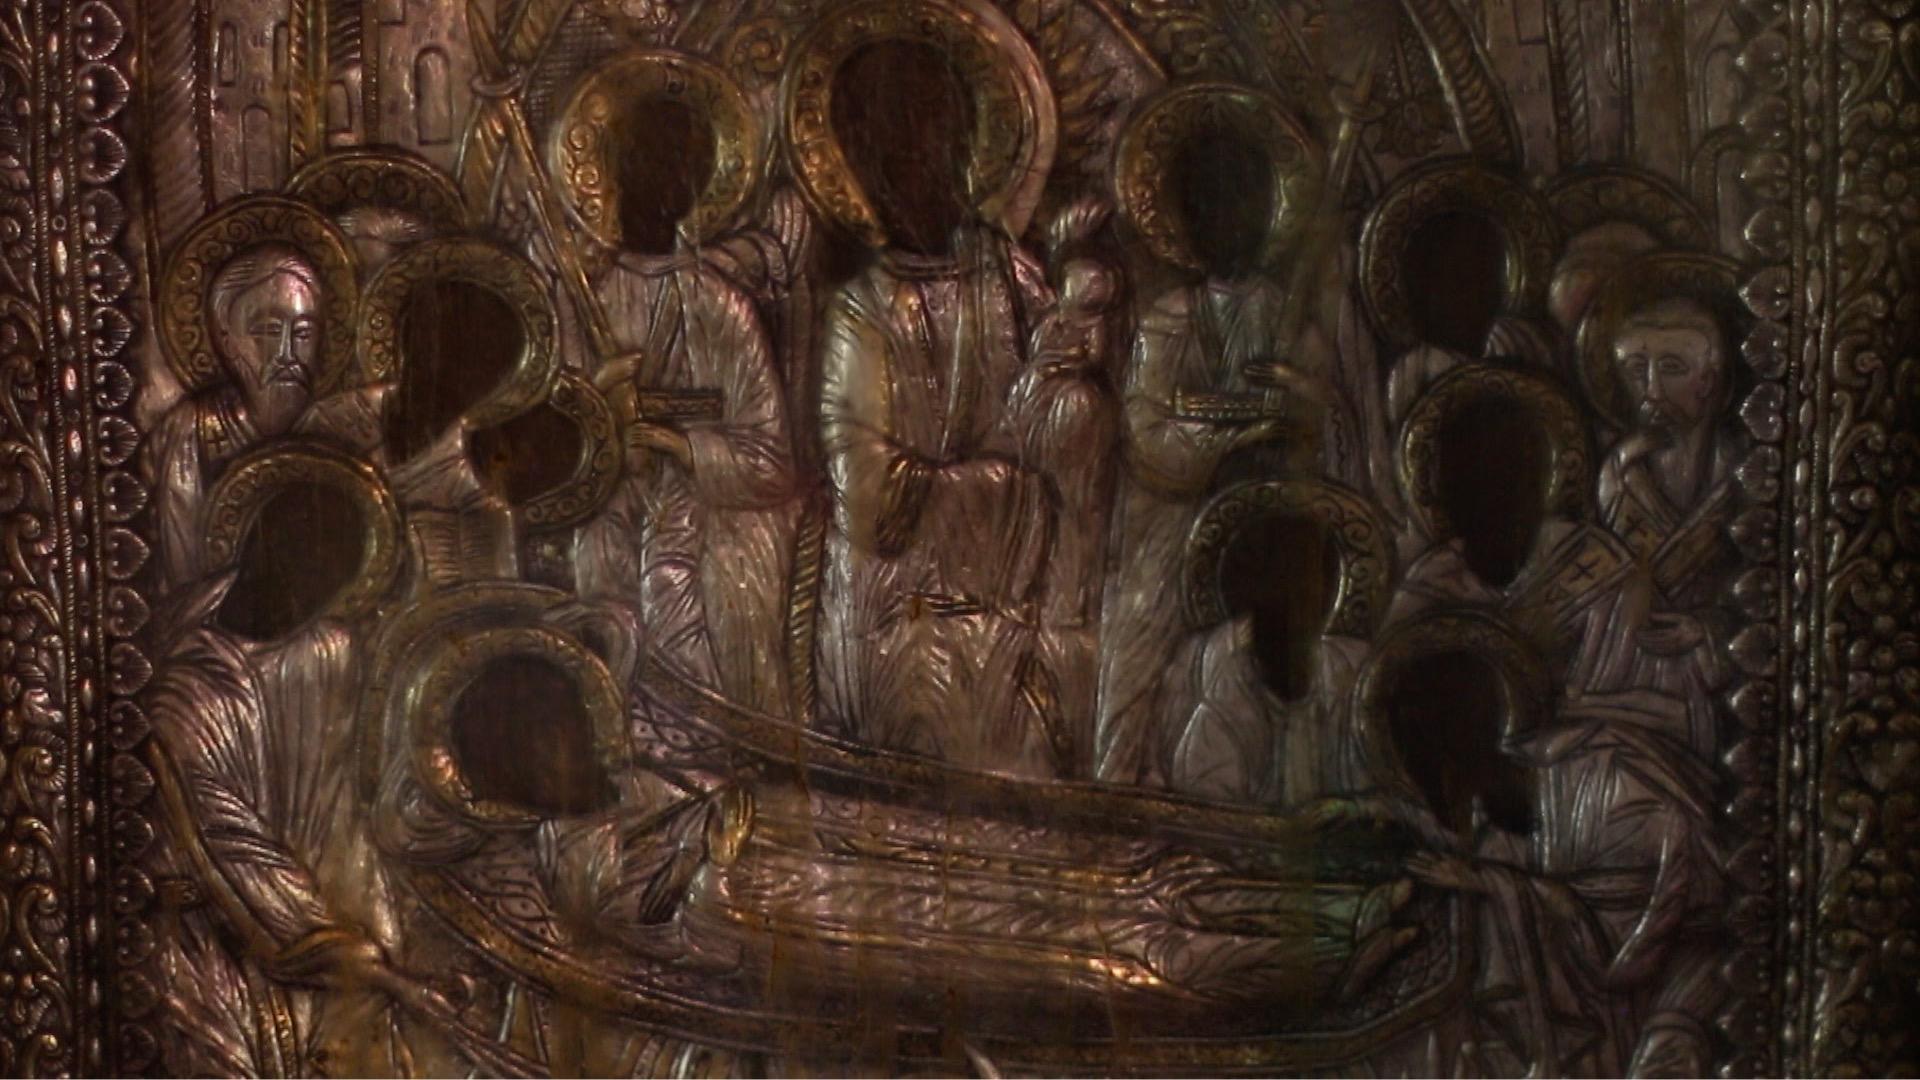 Λεπτομέρεια από το Άγιο Μύρο, Παναγία Μαλεβή